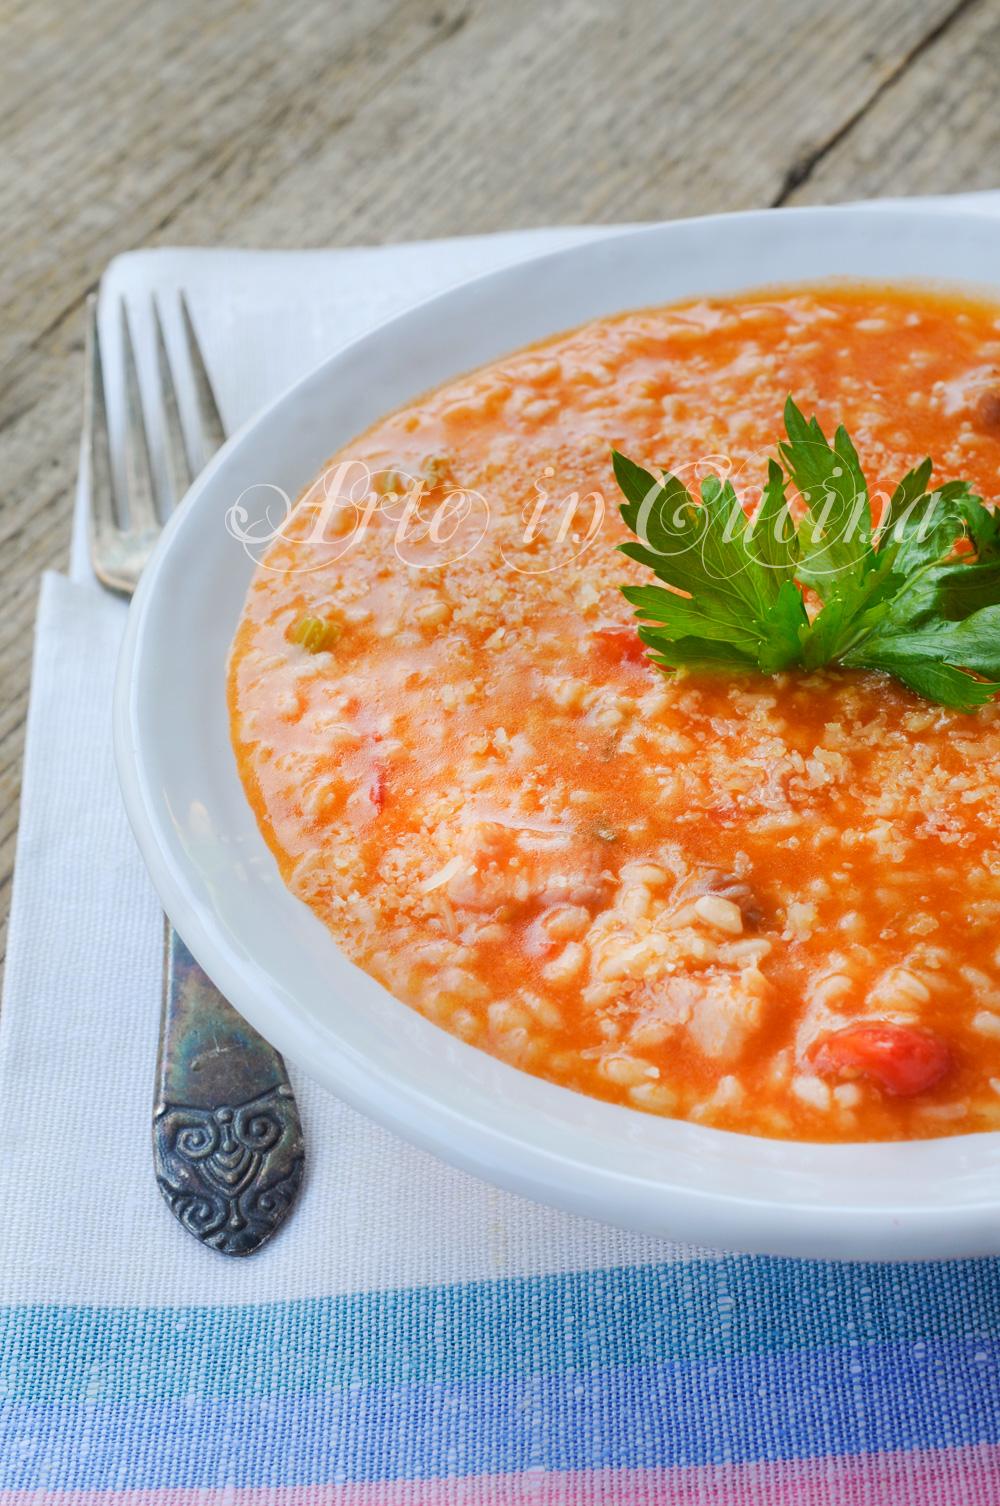 Risotto alla napoletana ricetta primo piatto facile vickyart arte in cucina